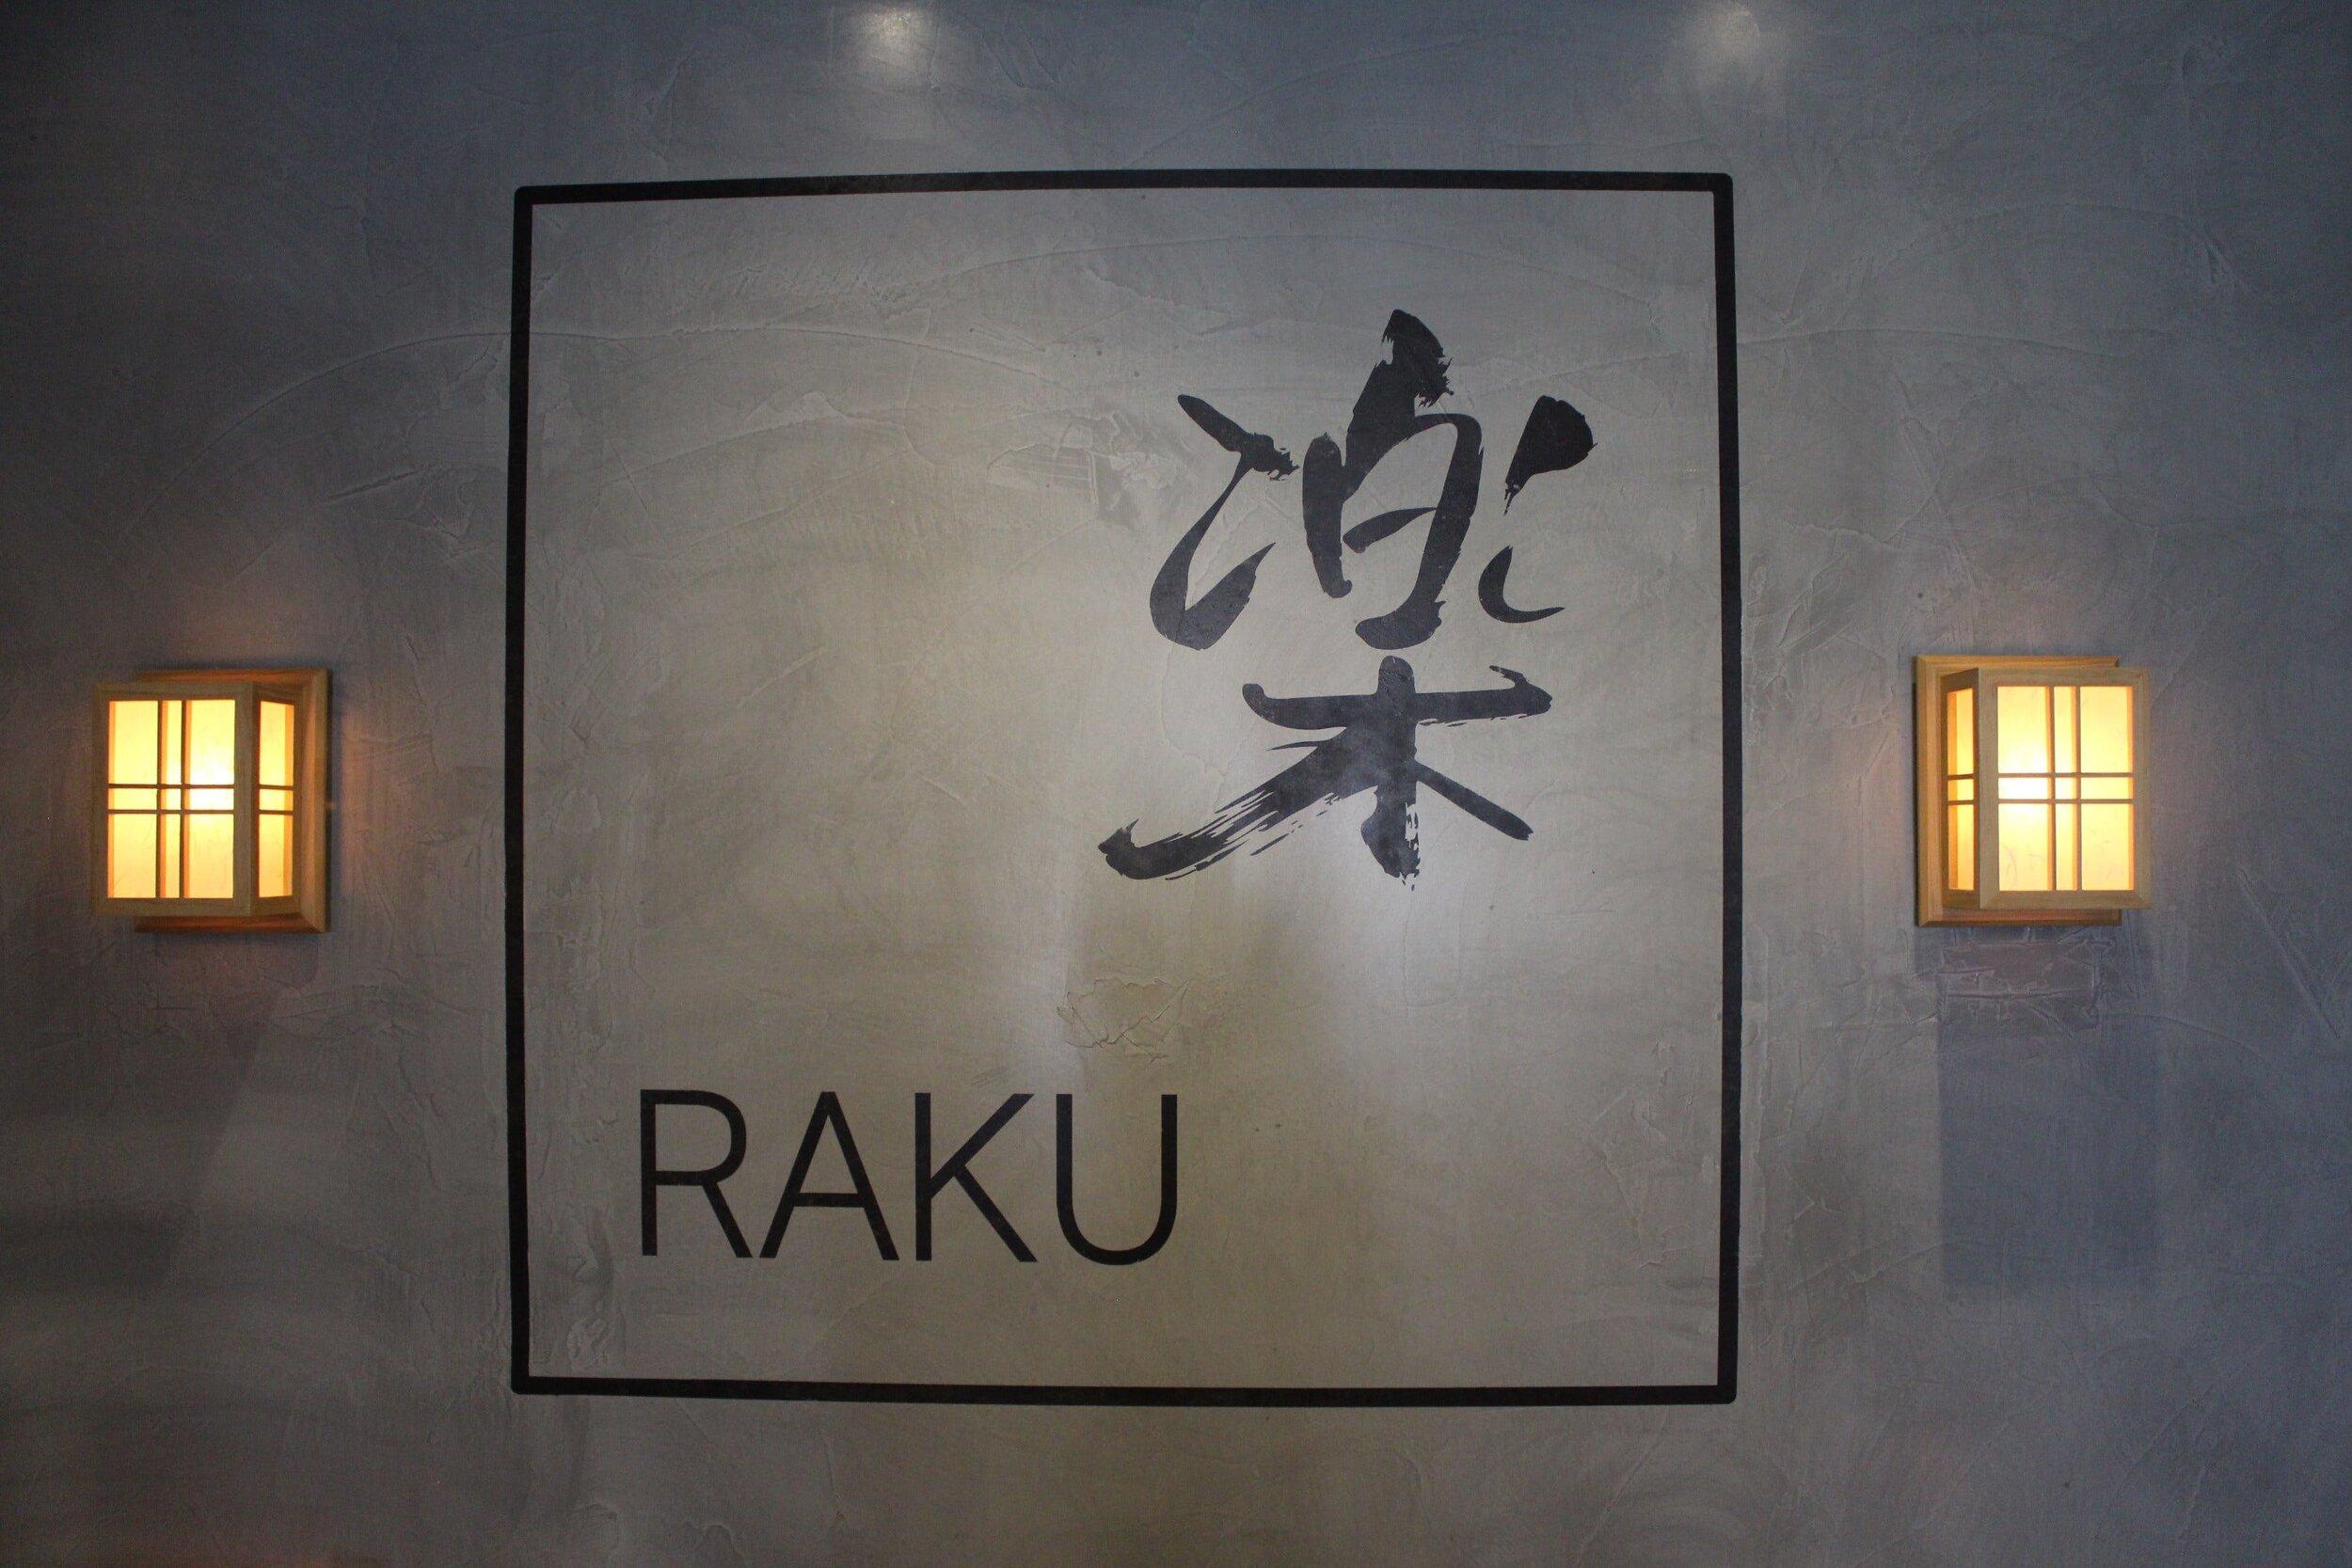 Raku Izakaya